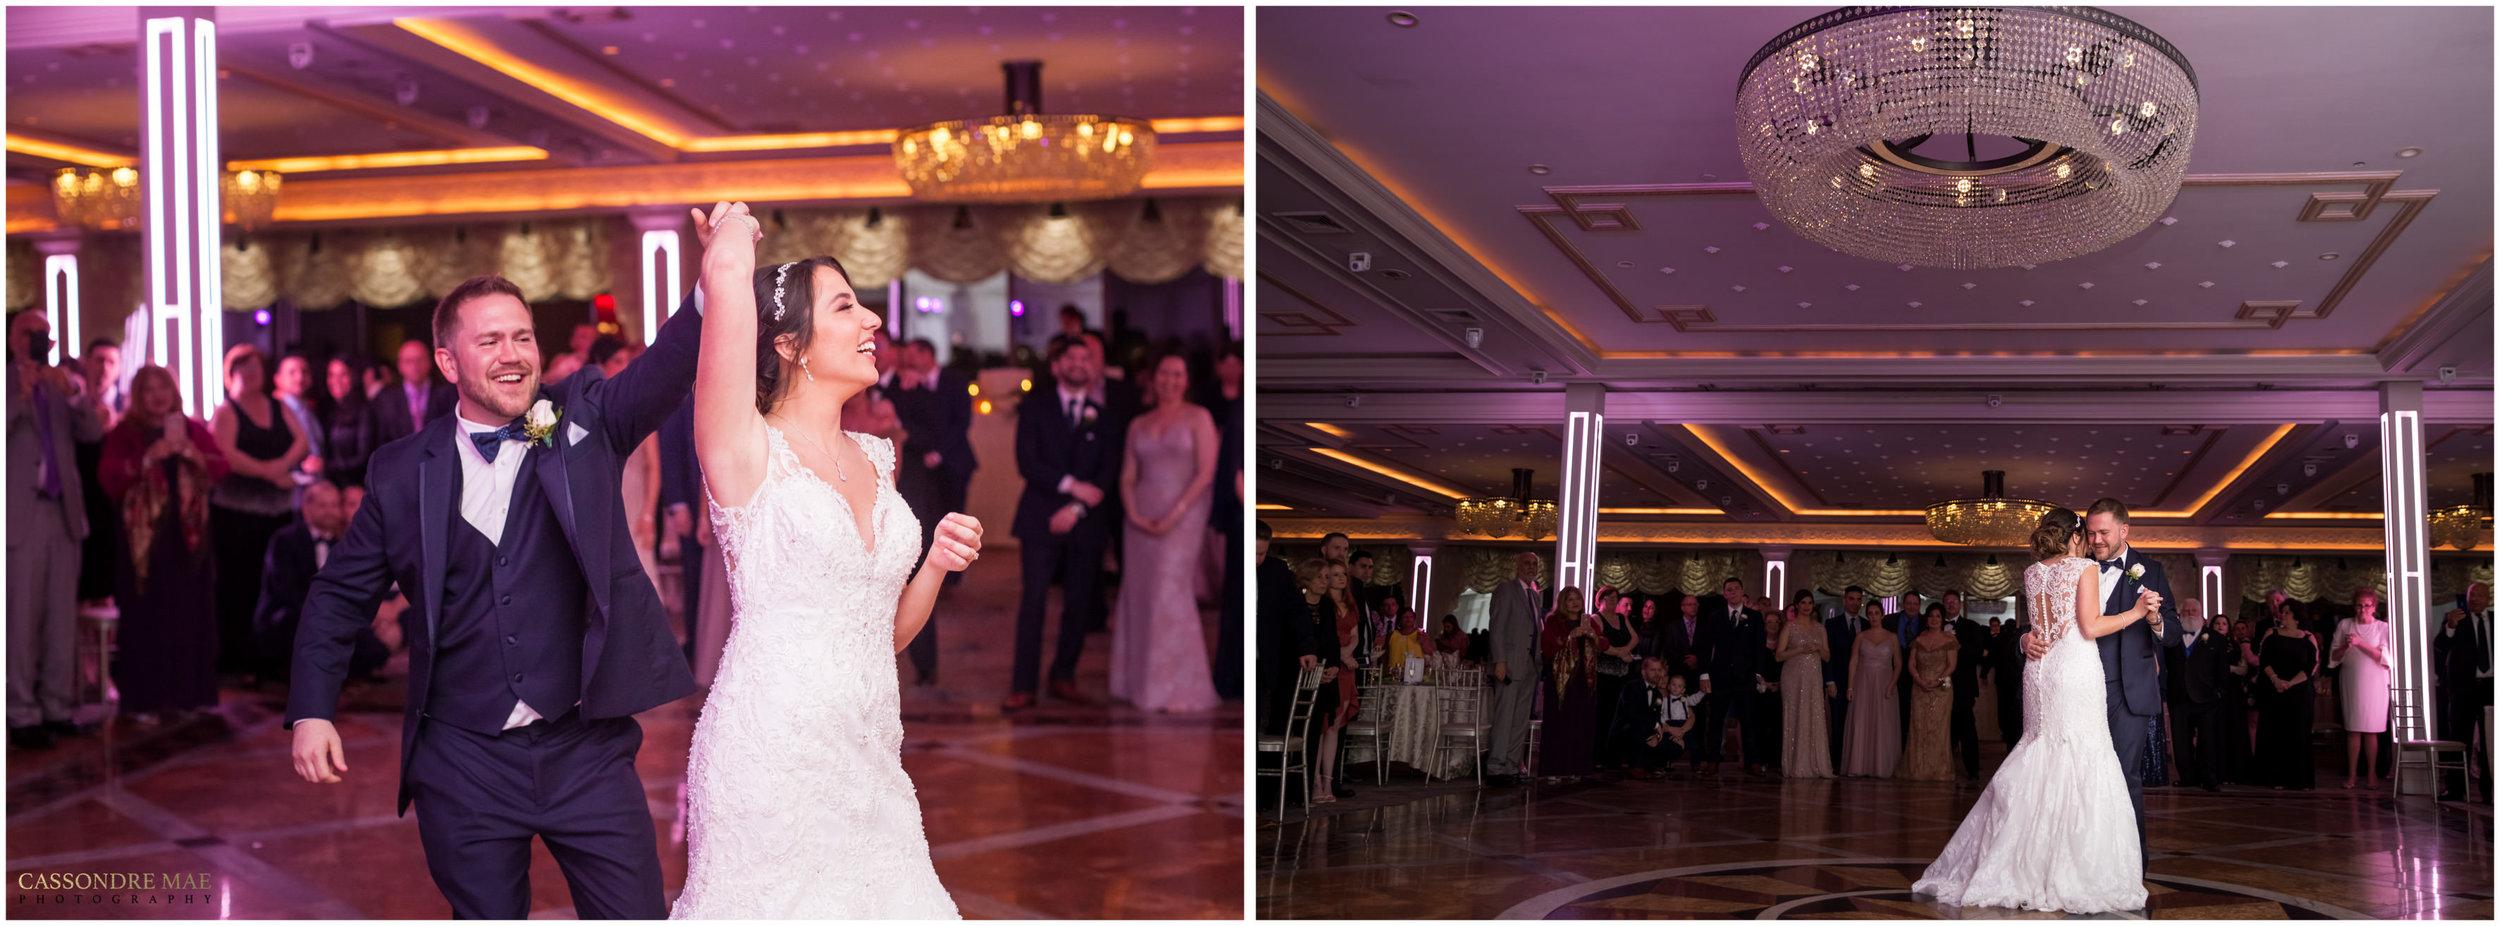 Cassondre Mae Photography Marina Del Ray Weddings 11.jpg